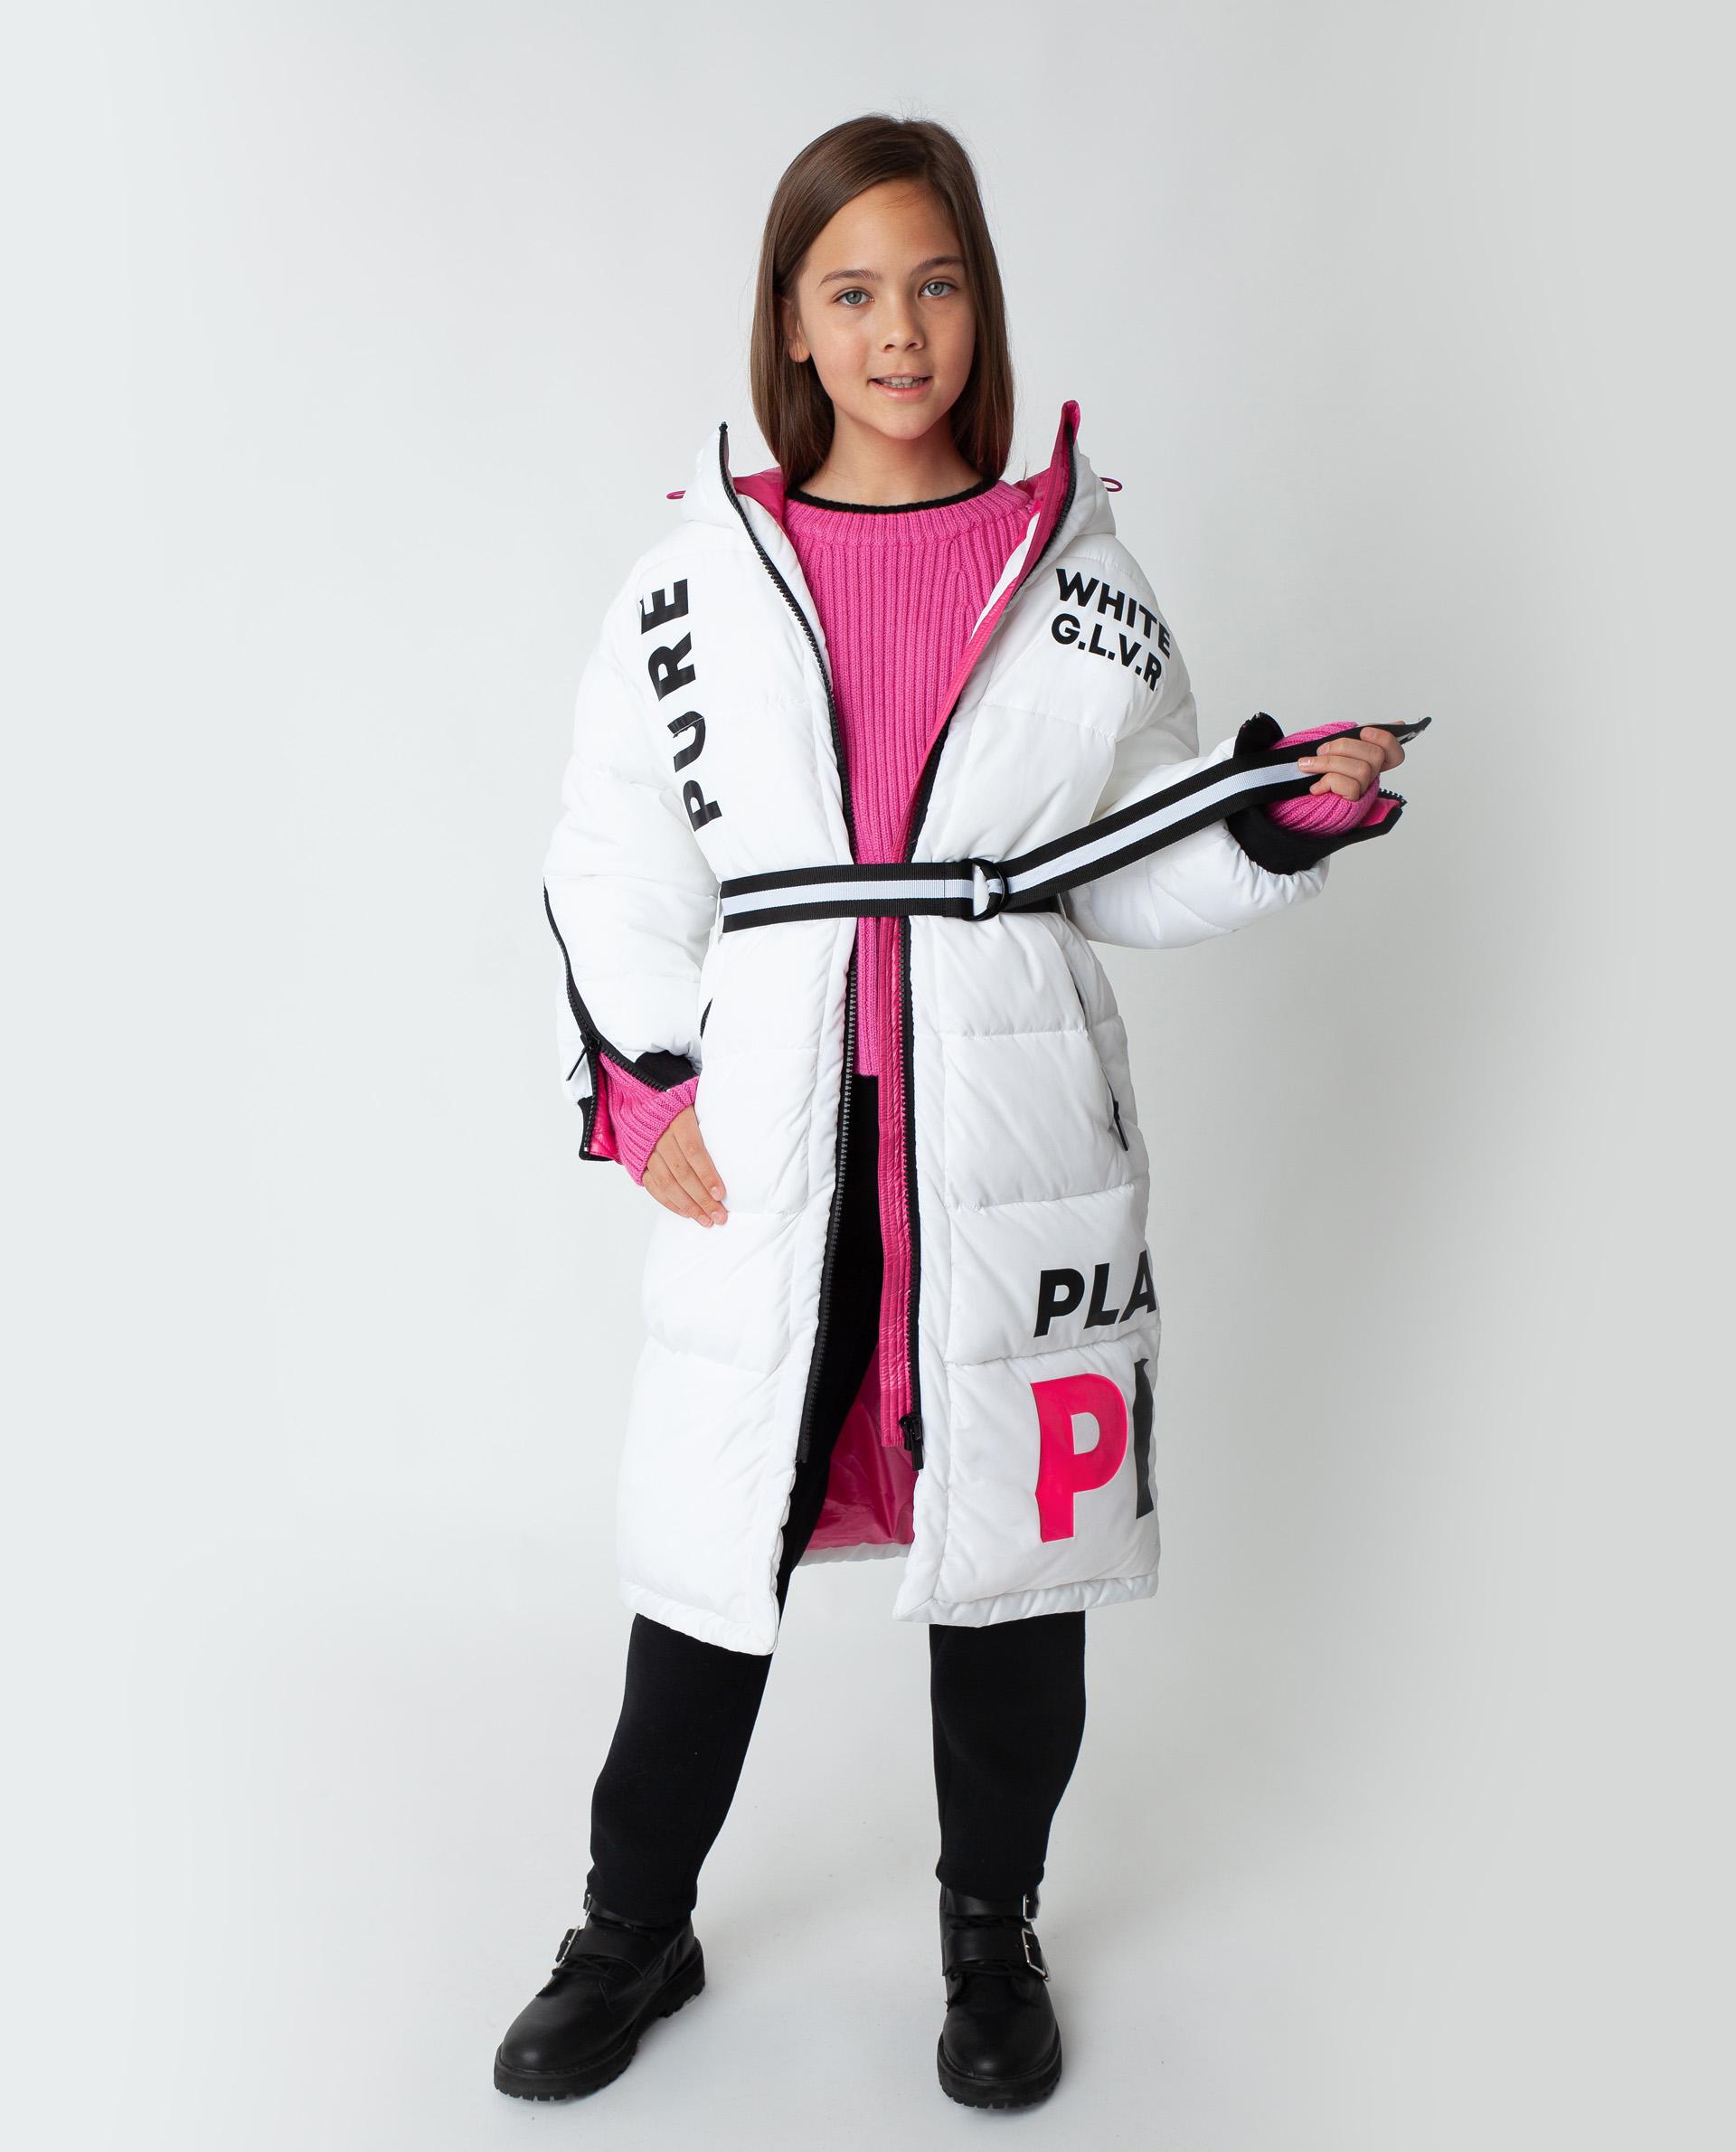 Купить 22009GJC4502, Белое пальто зимнее Gulliver, белый, 170, Полиэстер, Женский, Зима, ОСЕНЬ/ЗИМА 2020-2021 (shop: GulliverMarket Gulliver Market)